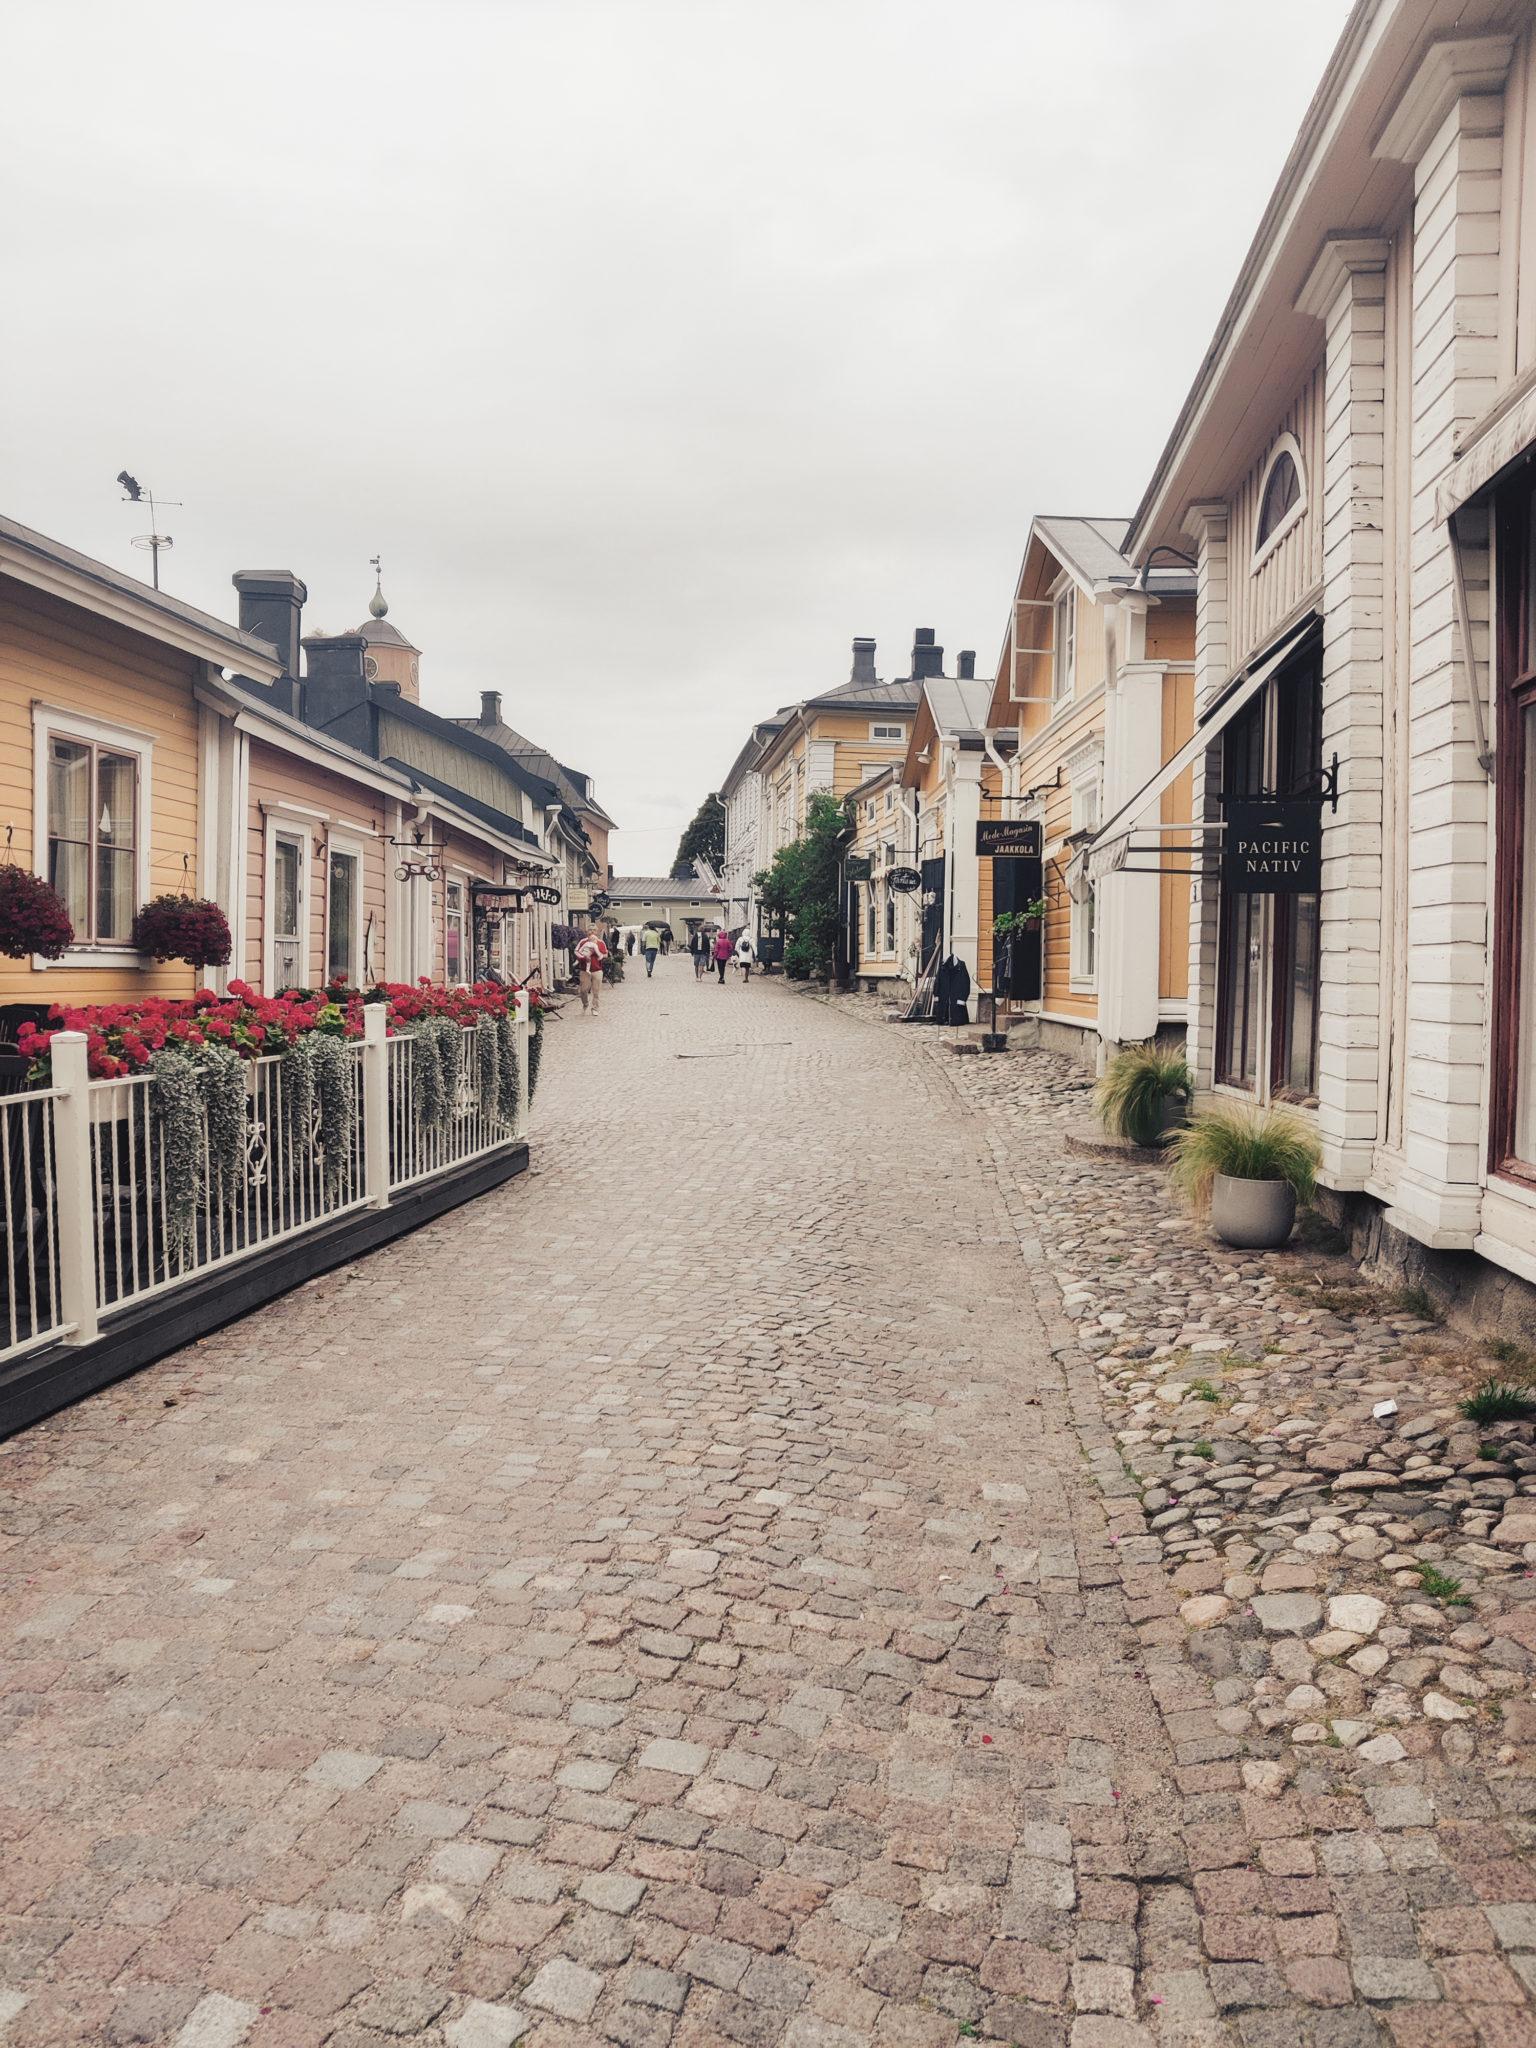 Porvoo - Vanha kaupunki - Päiväretki Porvooseen - BMH - Big mamas home by Jenni